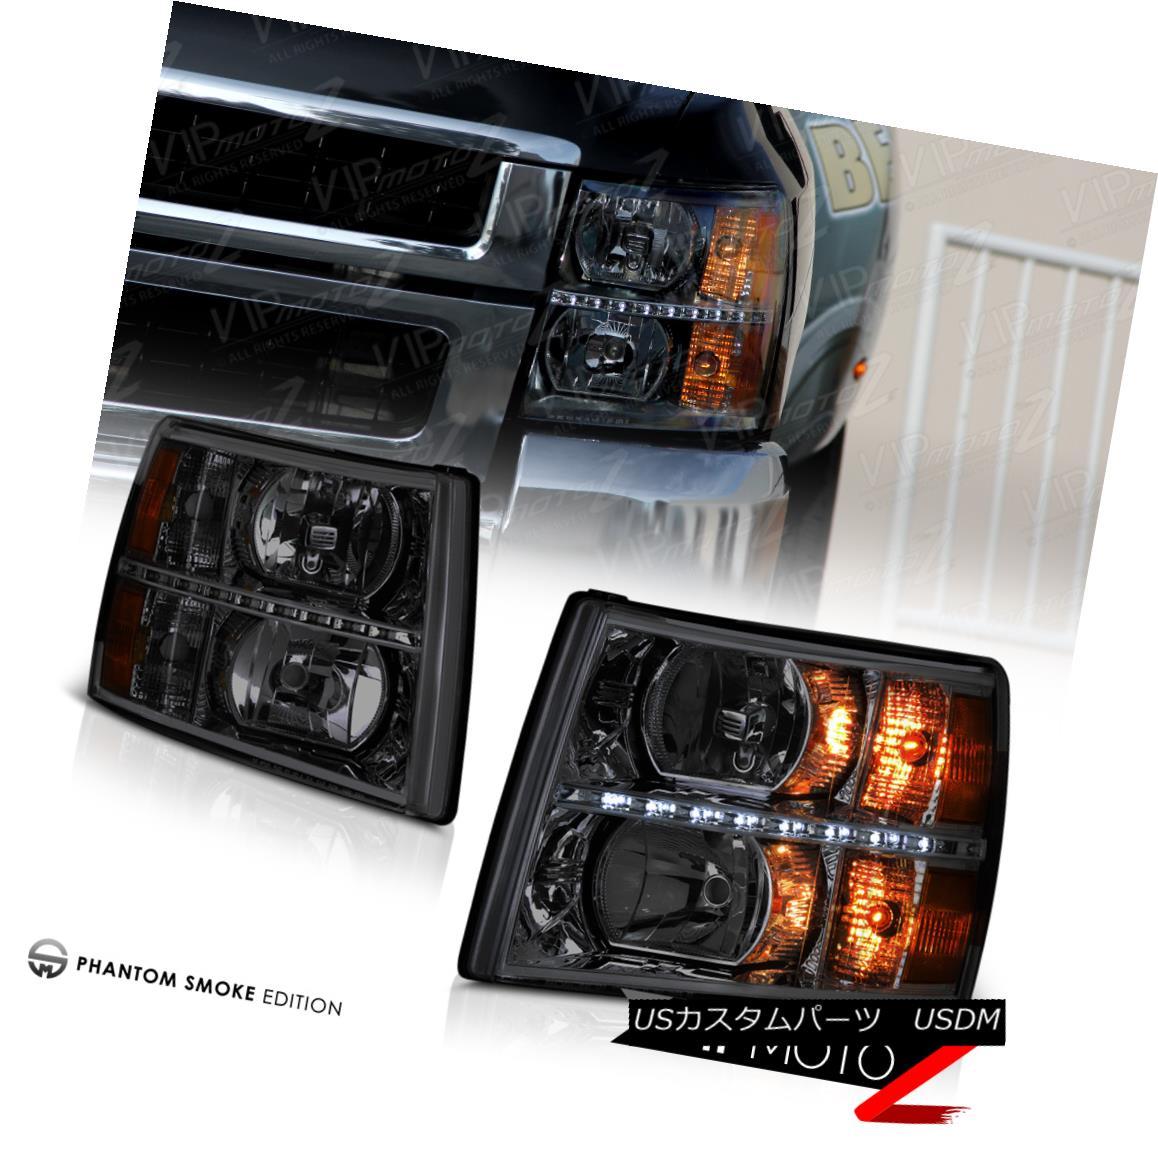 ヘッドライト 2007-2013 Chevy Silverado [SMOKE] LED SMD Front Headlights Headlamps PAIR LH+RH 2007-2013 Chevy Silverado [SMOKE] LED SMDフロントヘッドライトヘッドランプPAIR LH + RH